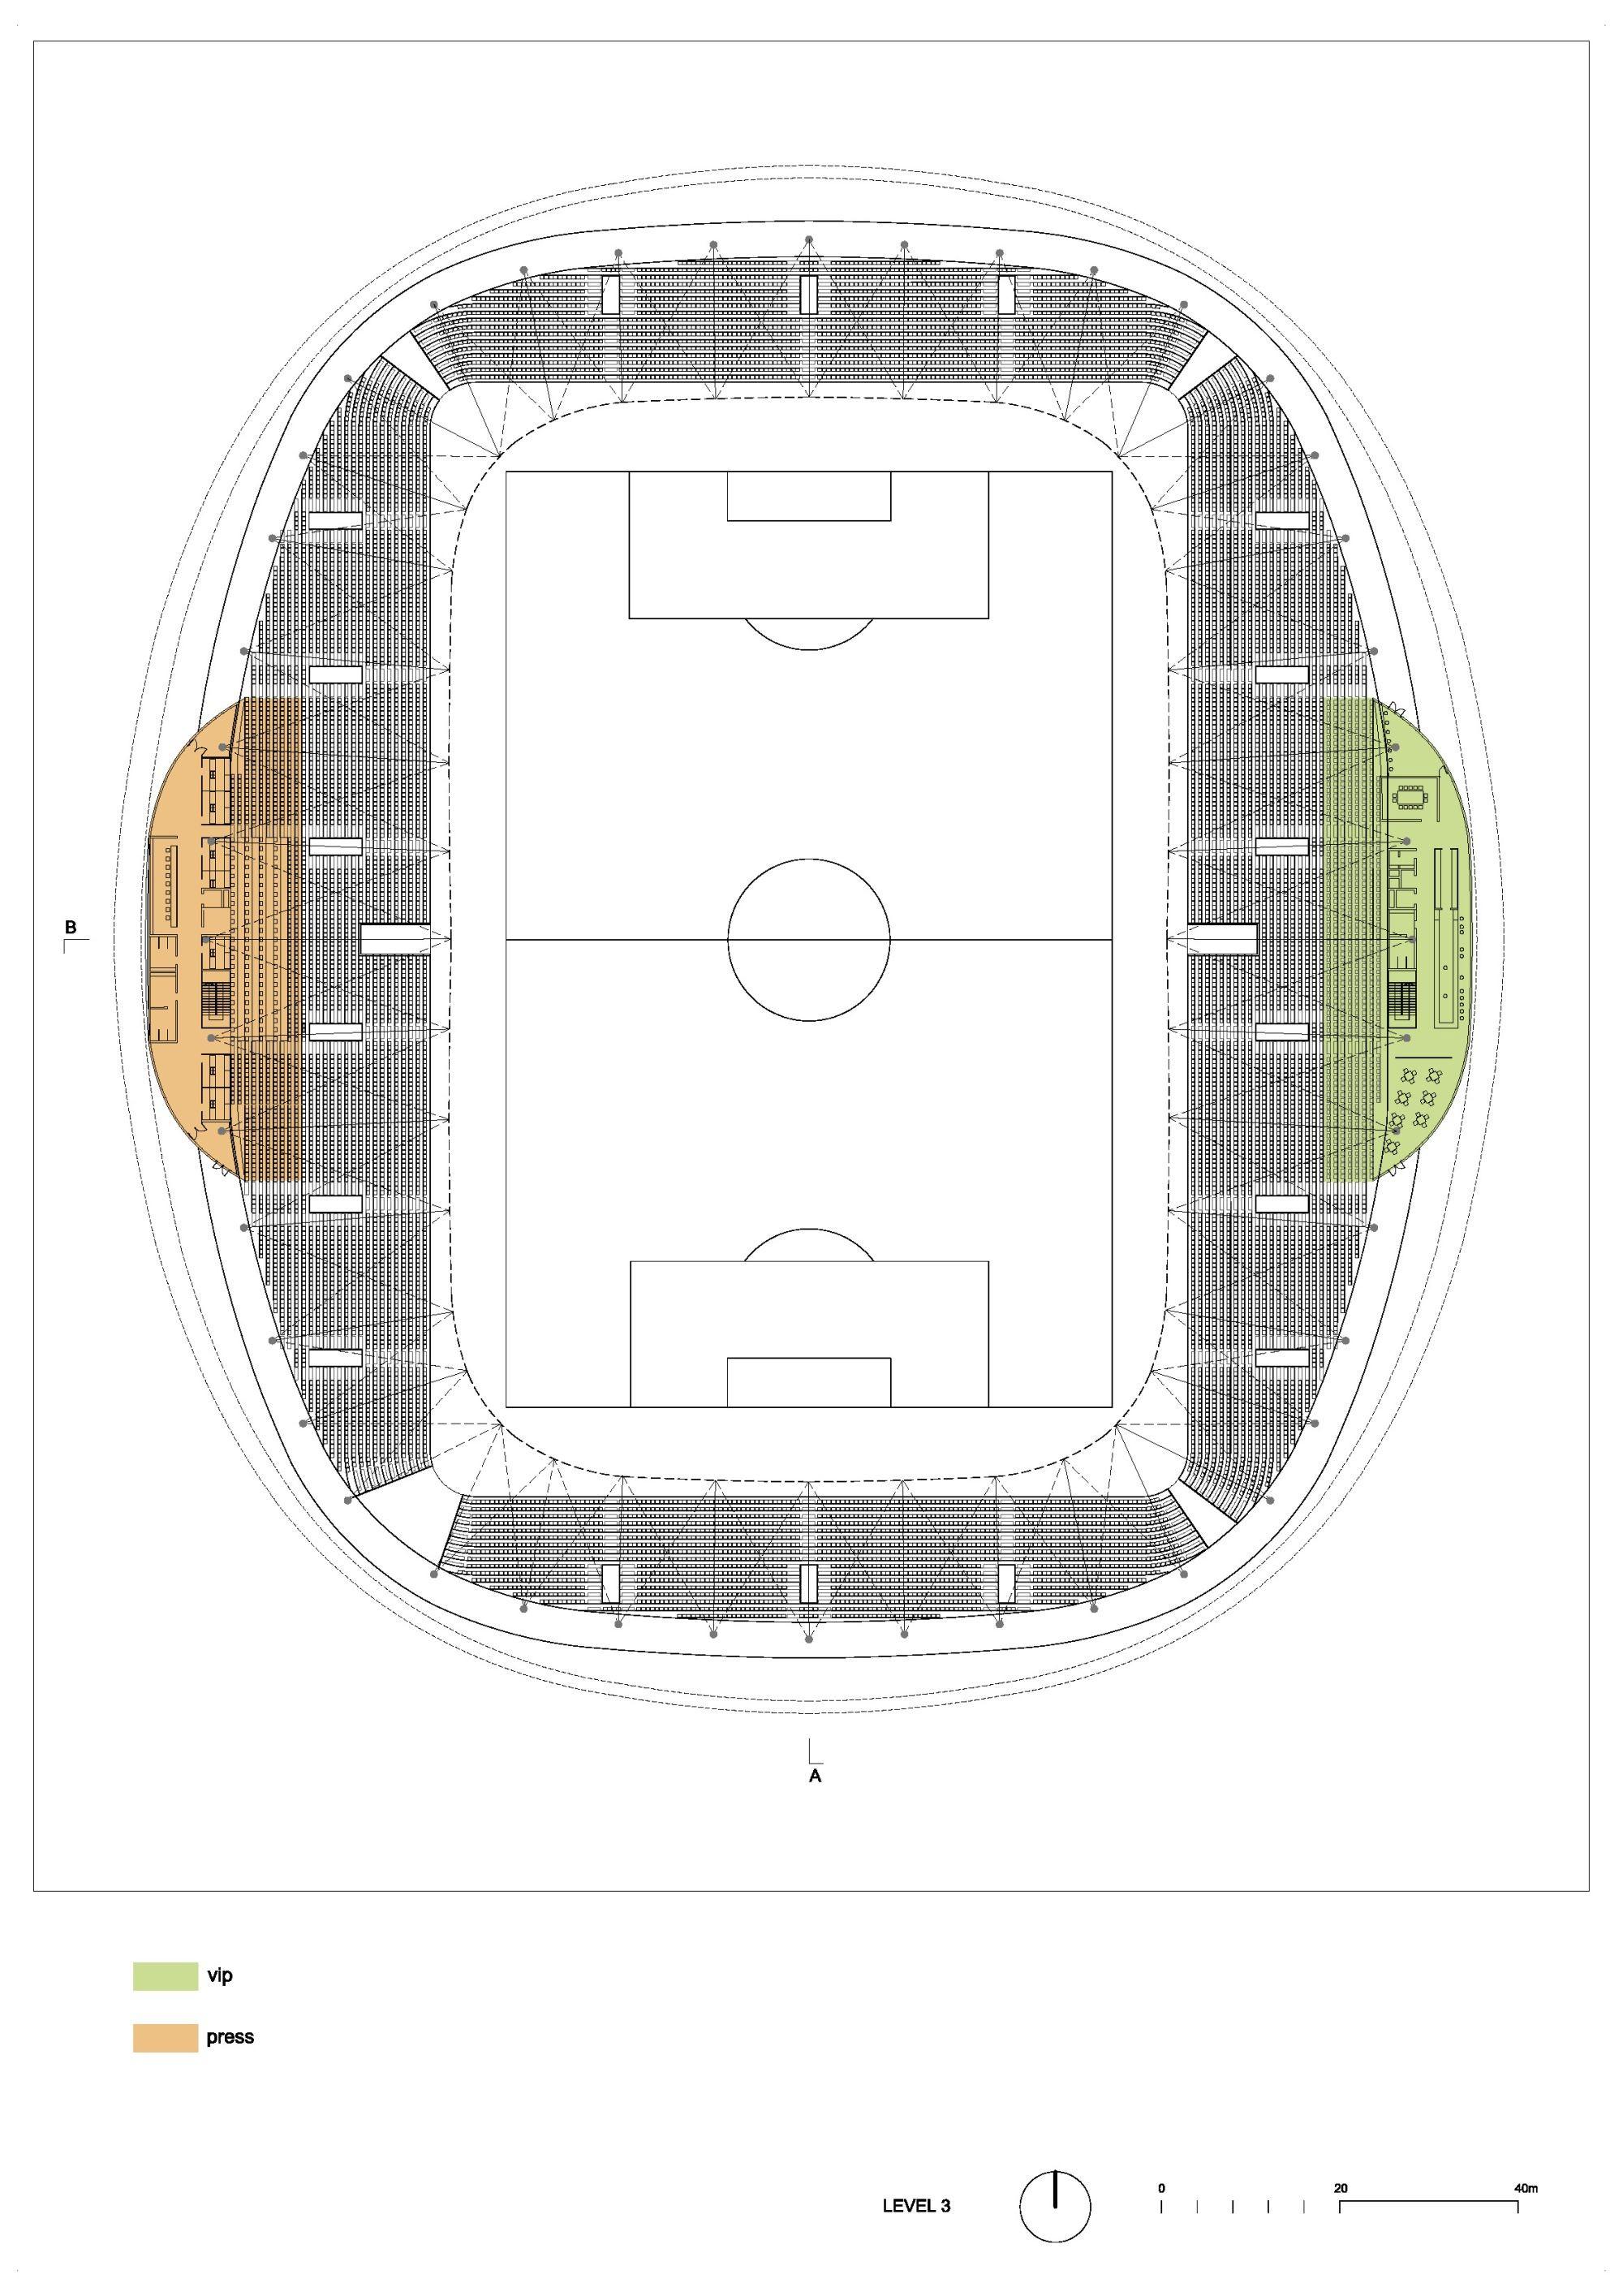 Gallery Of In Progress Fc Bate Borisov Football Stadium